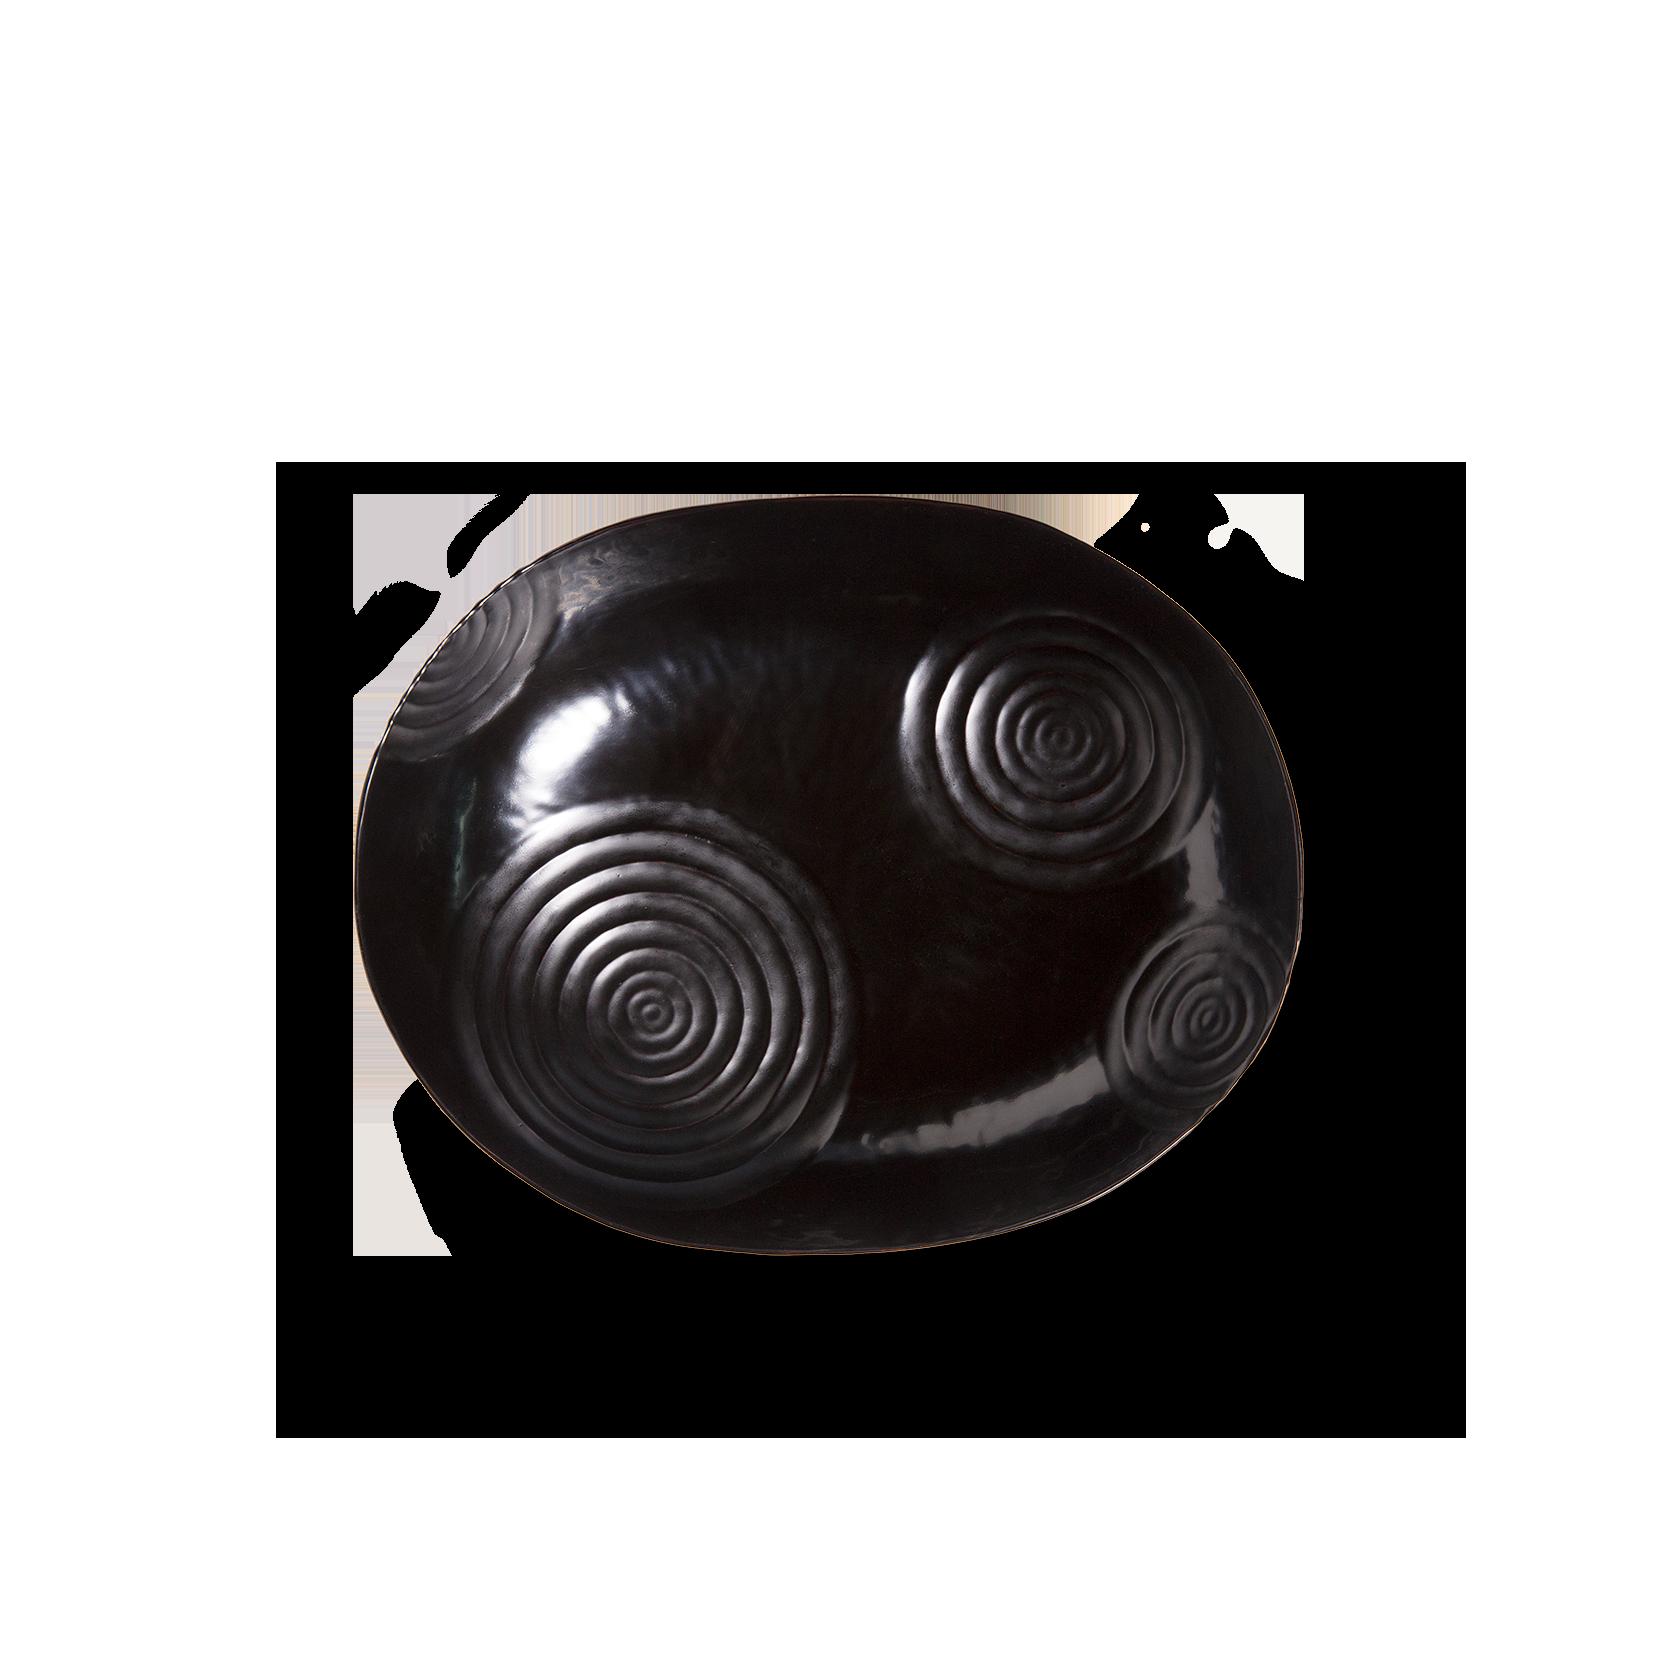 小判欅紋の手繰り鉢